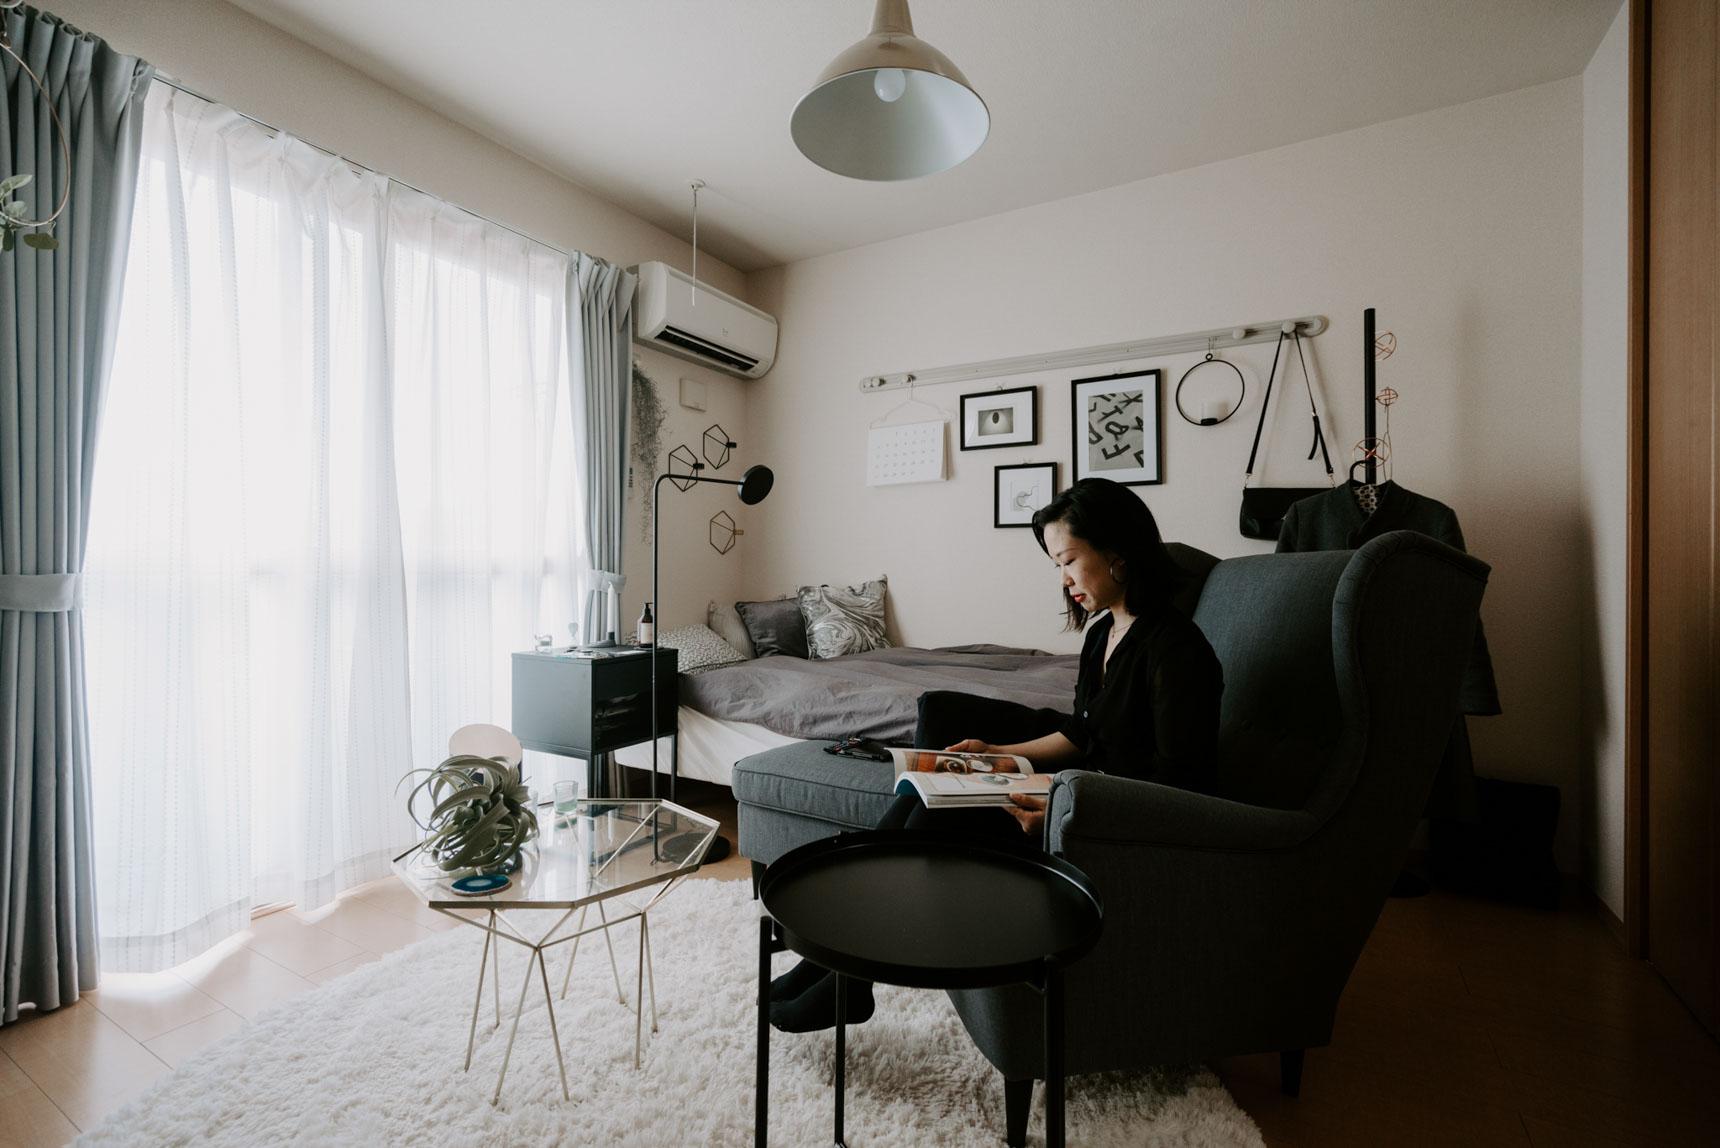 6.5畳ほどのお部屋ですが、ベッドと、大きな一人がけのソファを置いてもまだゆとりがあるように見えるのは、お部屋の中に生活感を感じさせるアイテムや、収納棚などがほとんど置かれていないせい。